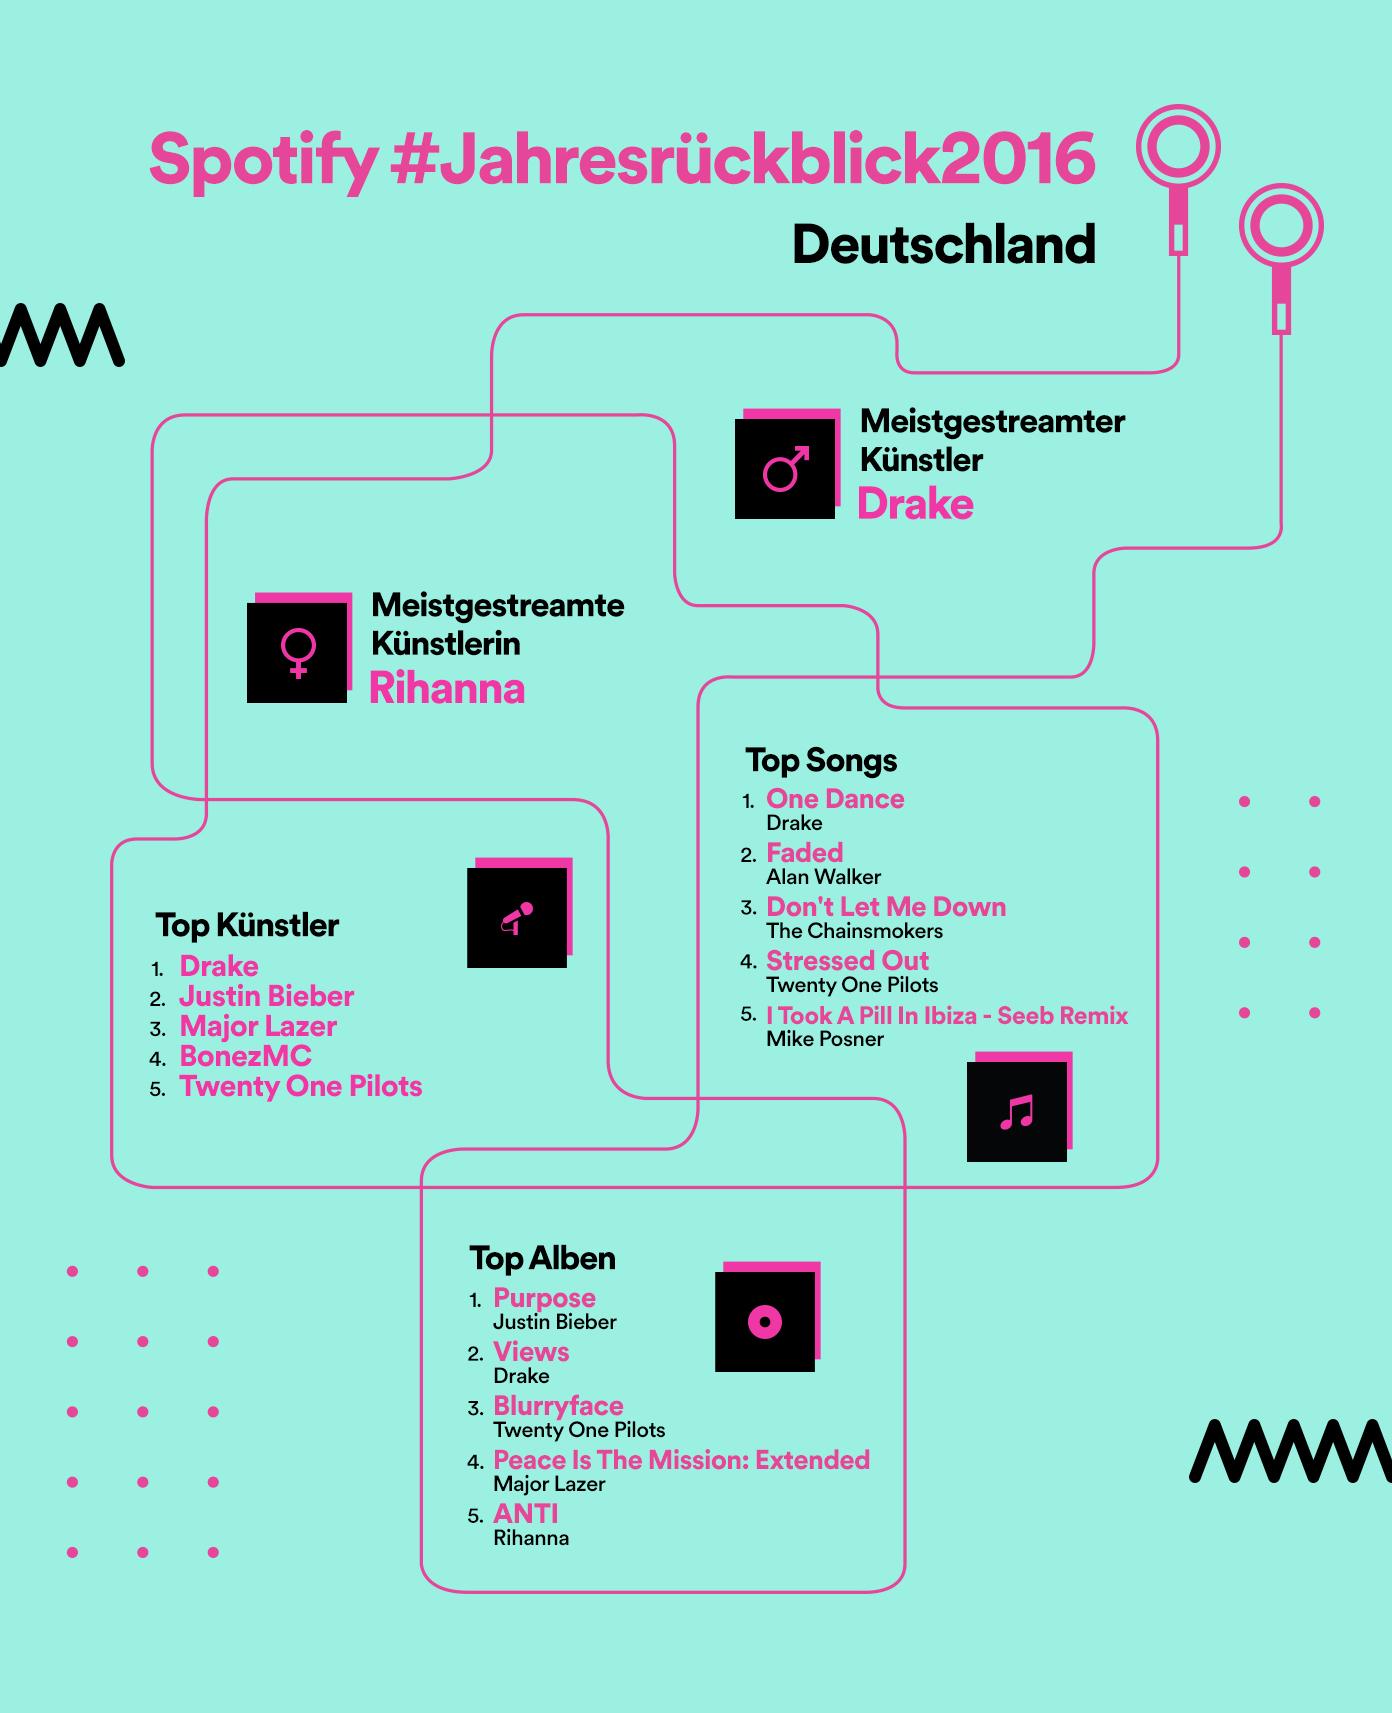 Jahrescharts der single charts(deutschland) von 1996